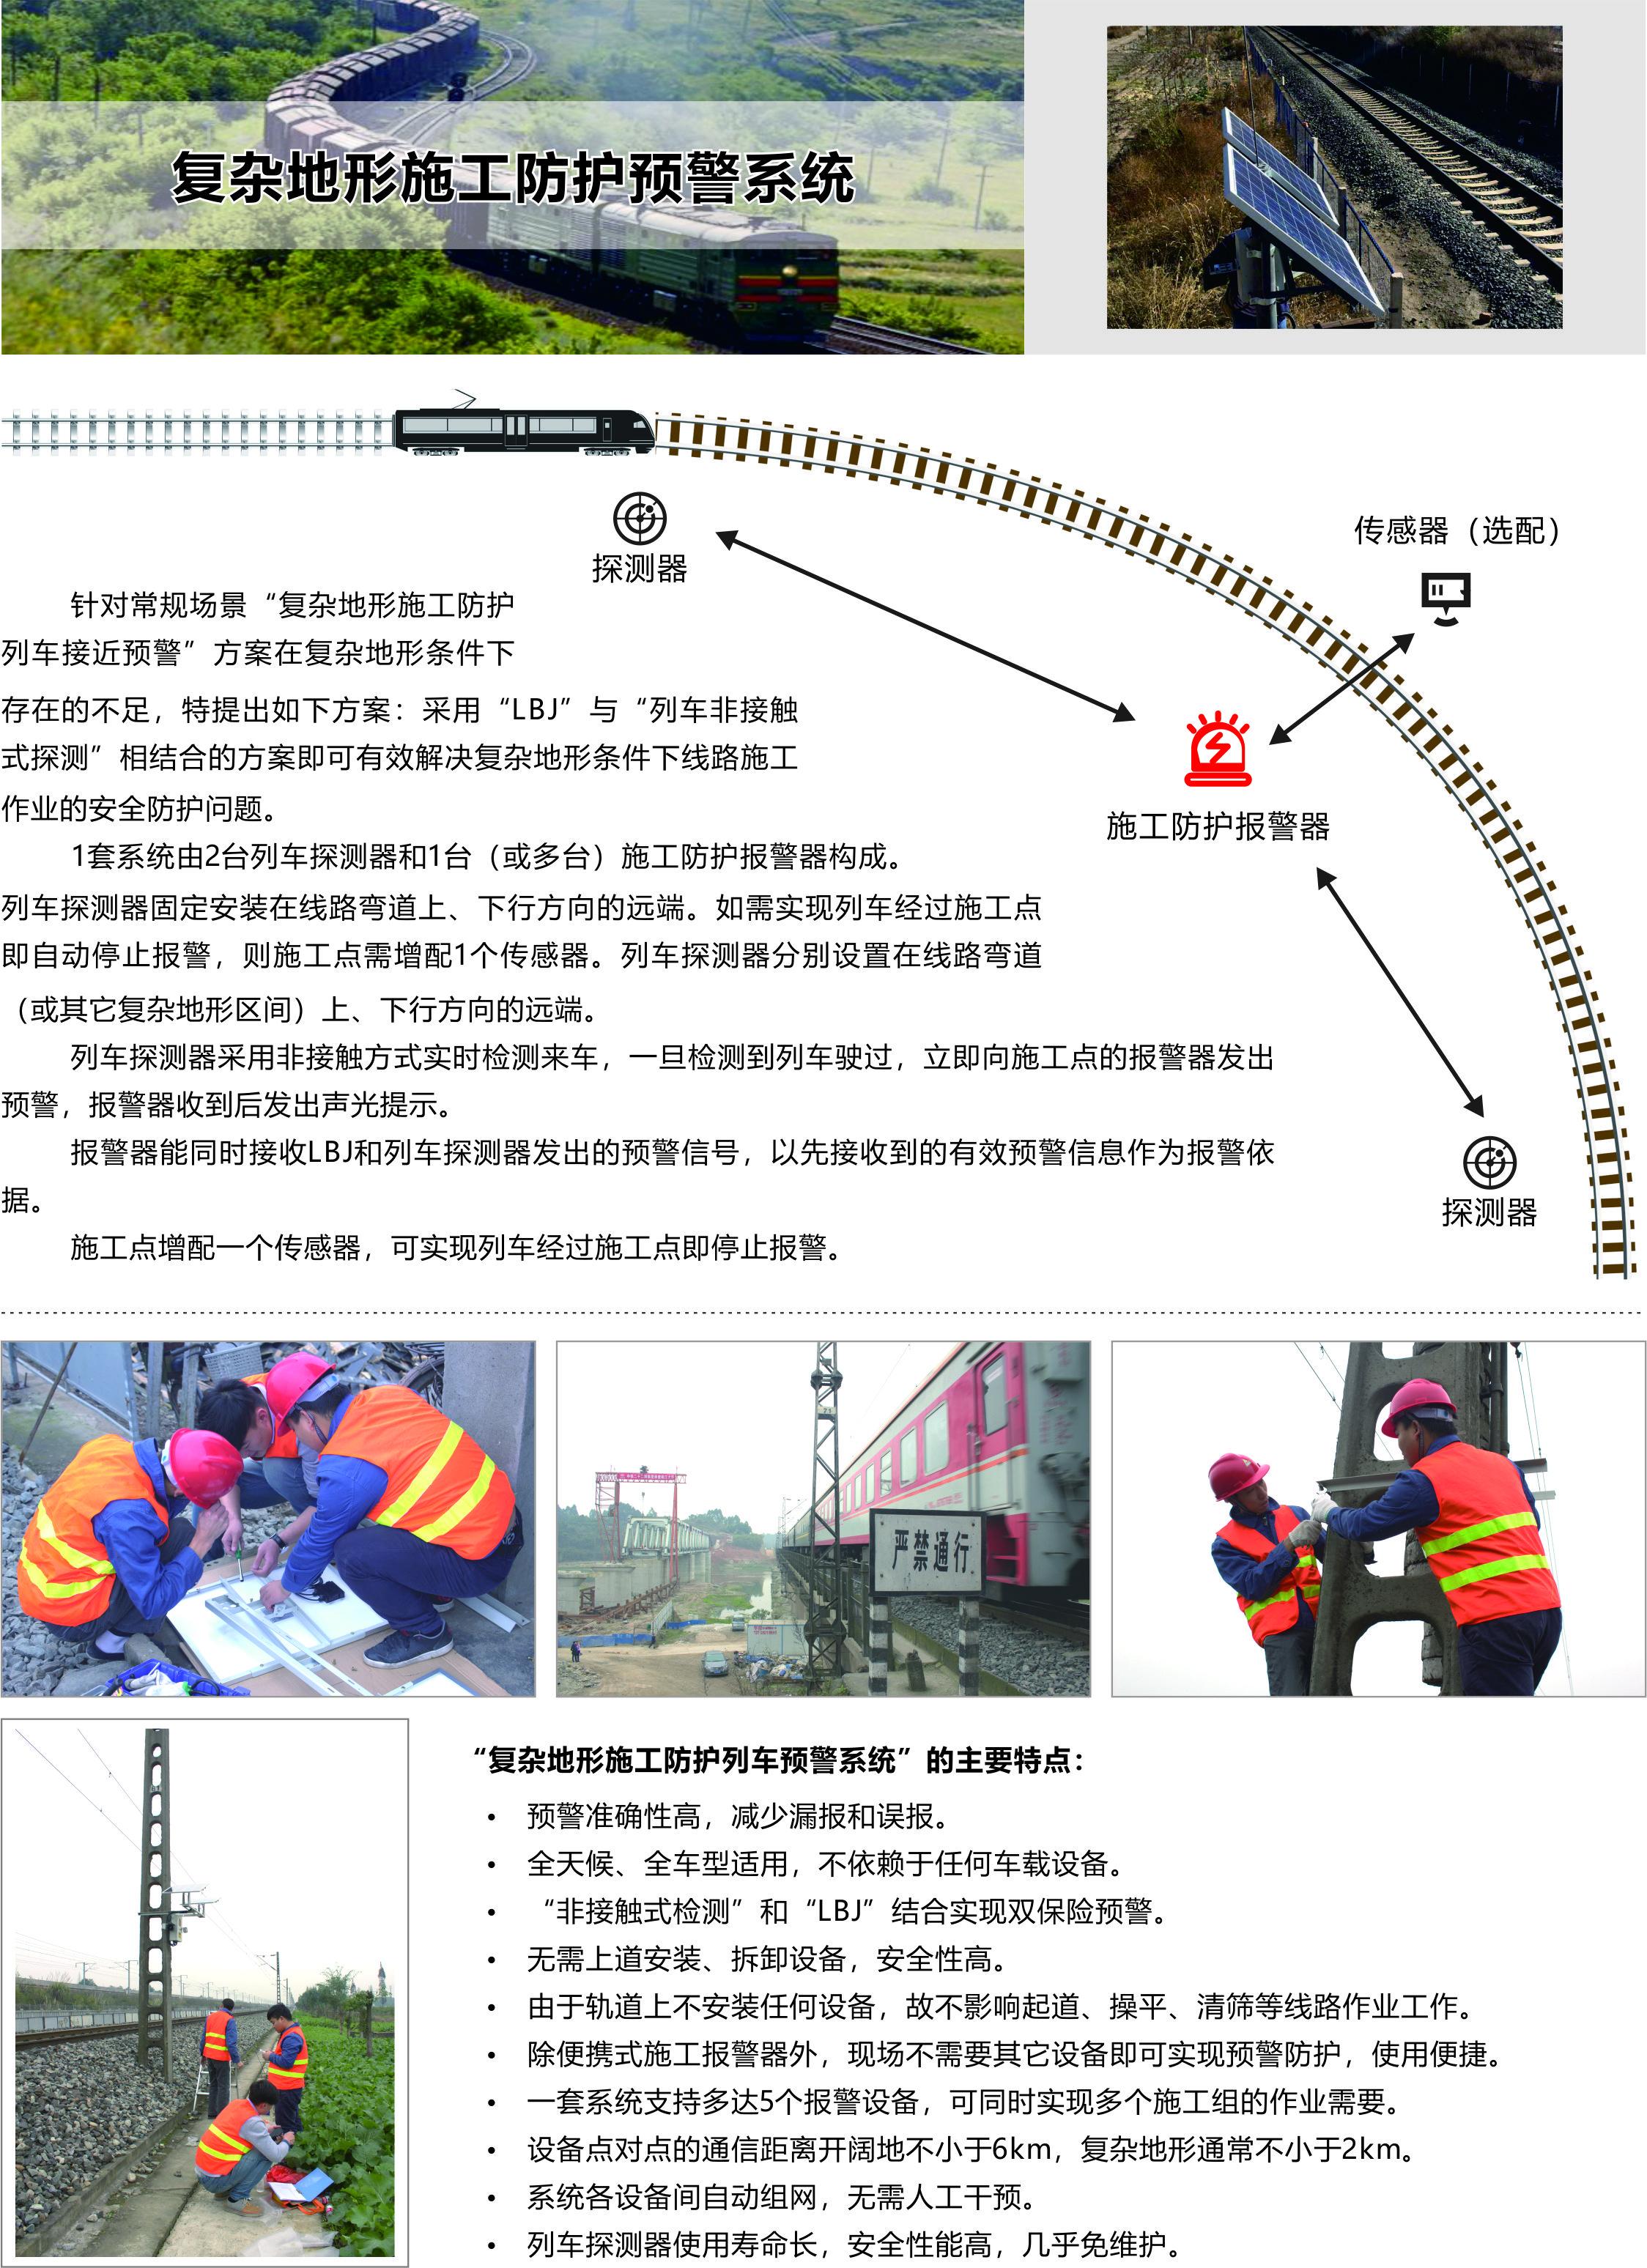 06复杂地型施工防护